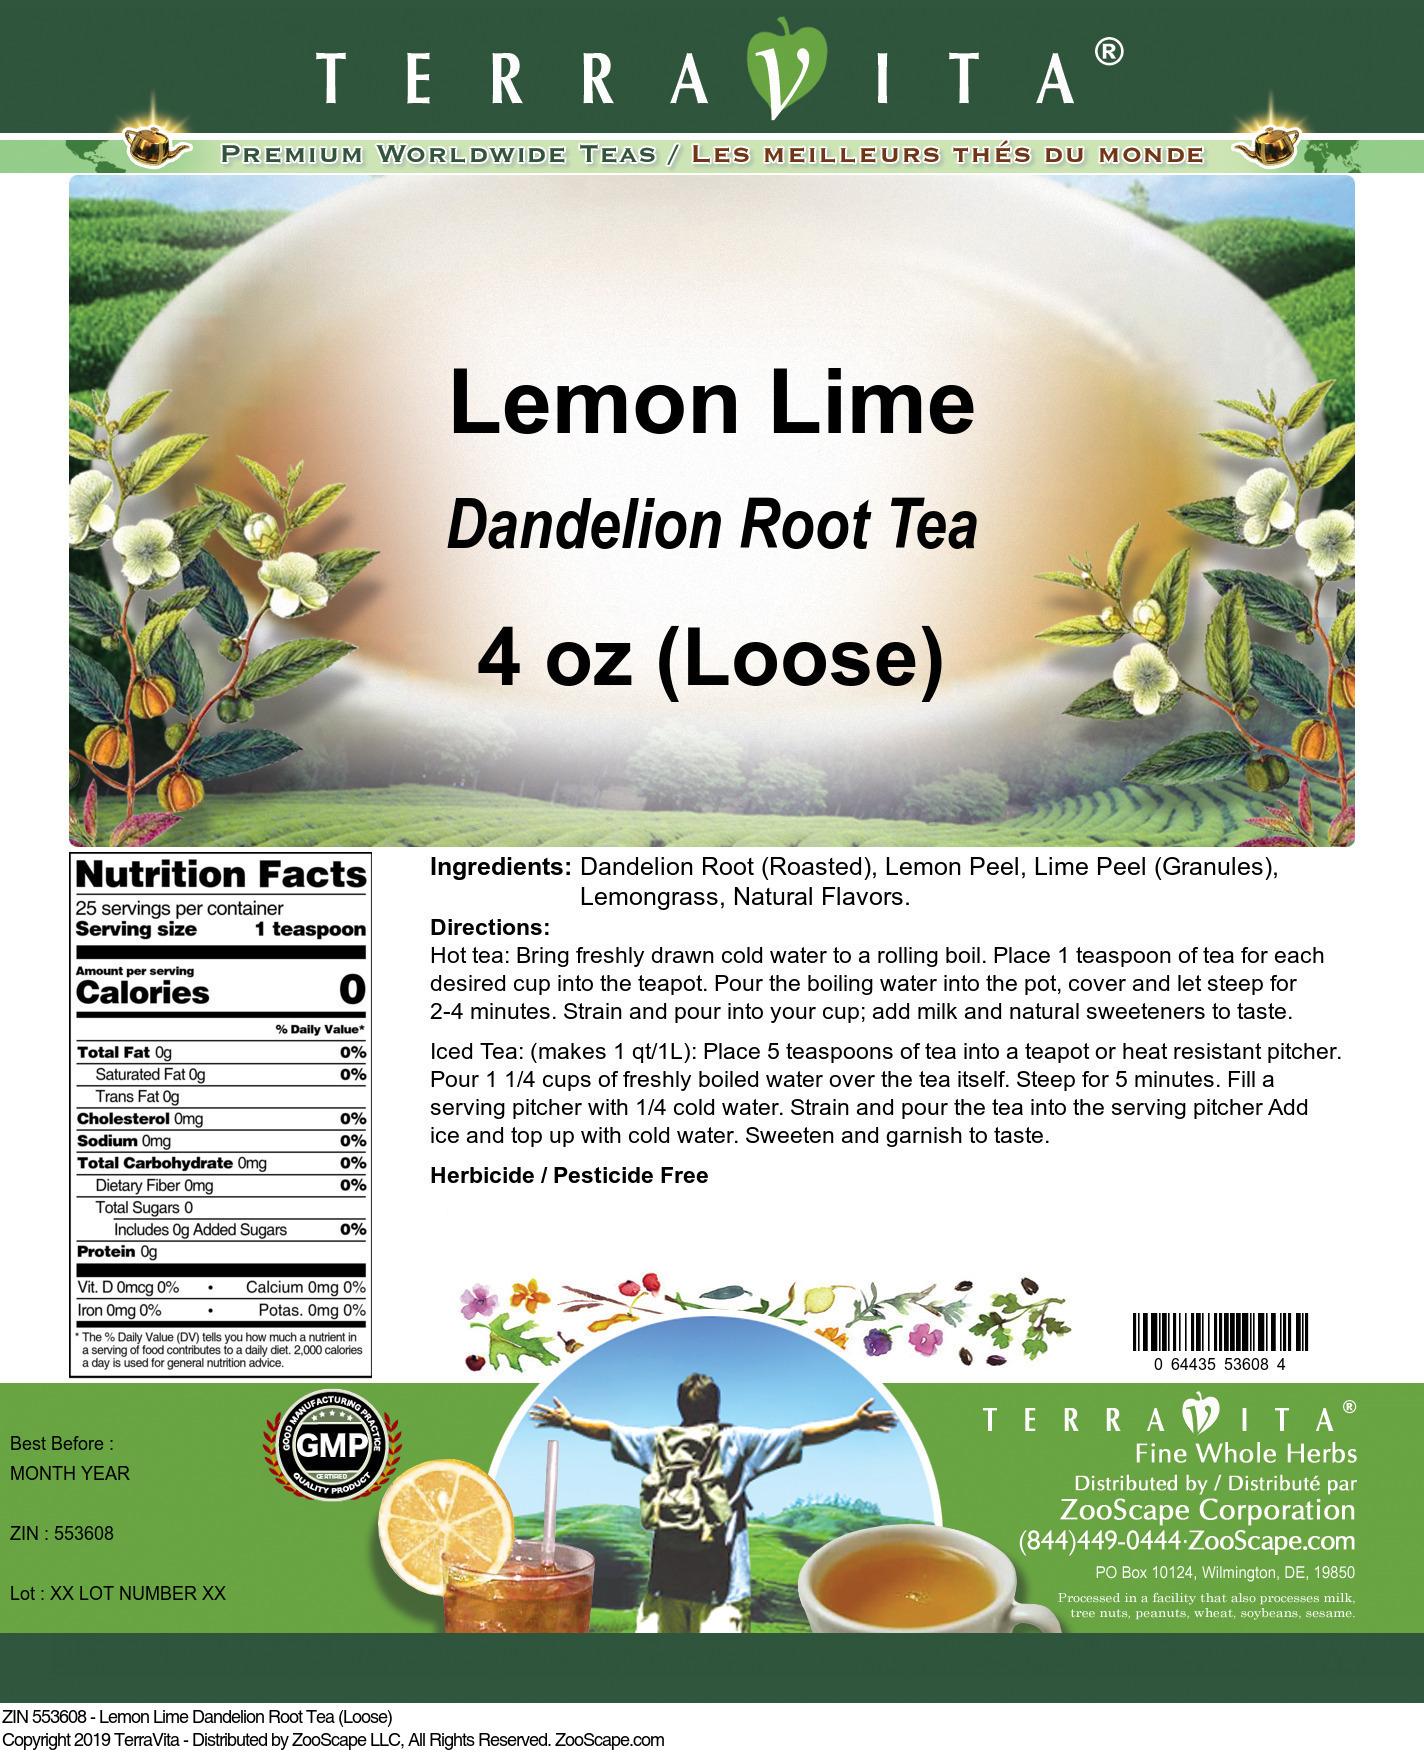 Lemon Lime Dandelion Root Tea (Loose)